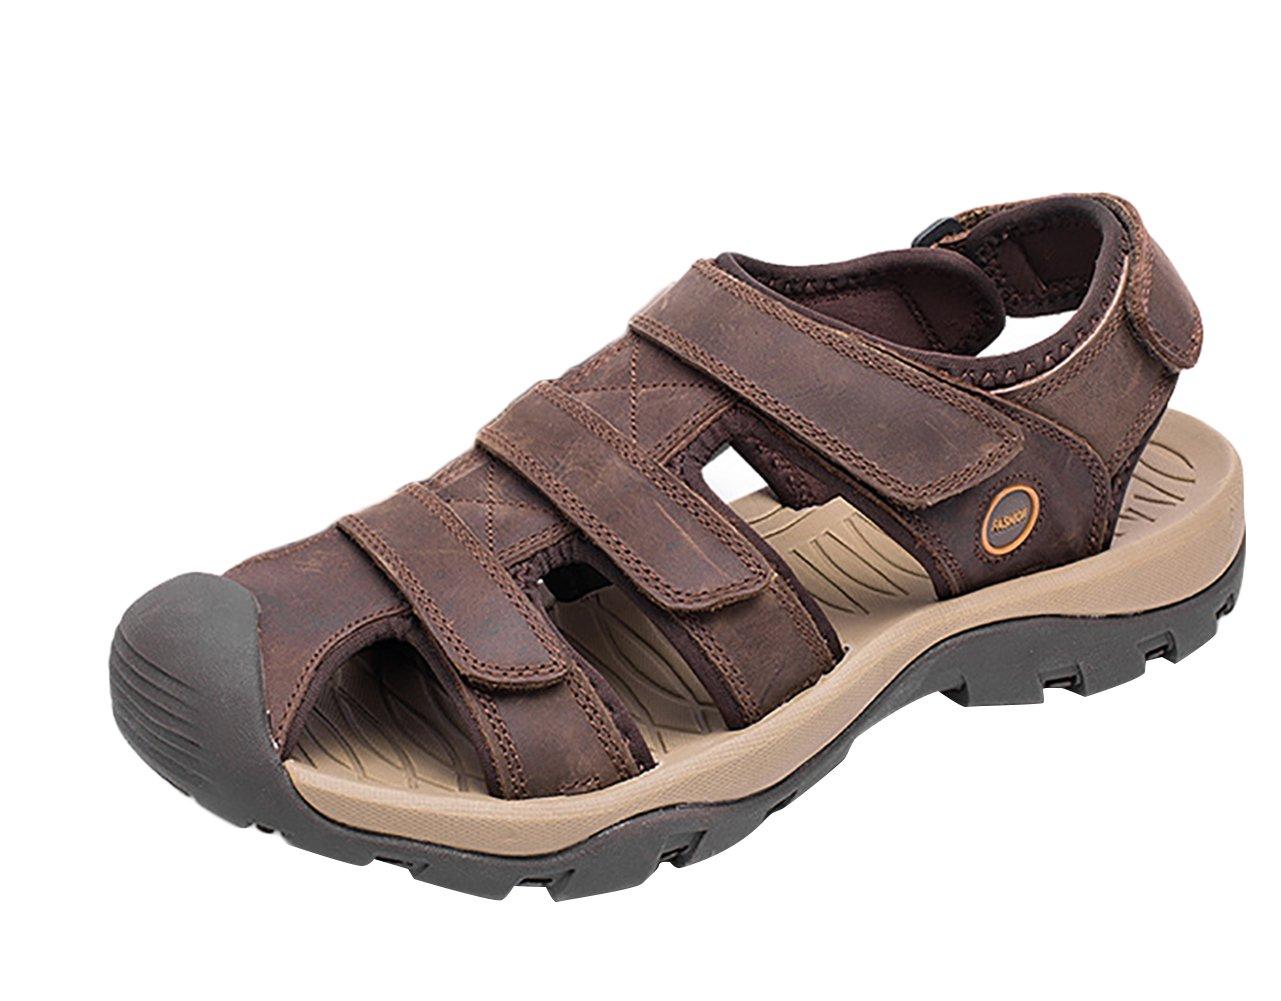 SK Studio Punta Cerrada Sandalias Hombre Trekking de Cuero Talla Grande Transpirables Zapatos Con Velcro 45 EU|Marron Oscuro